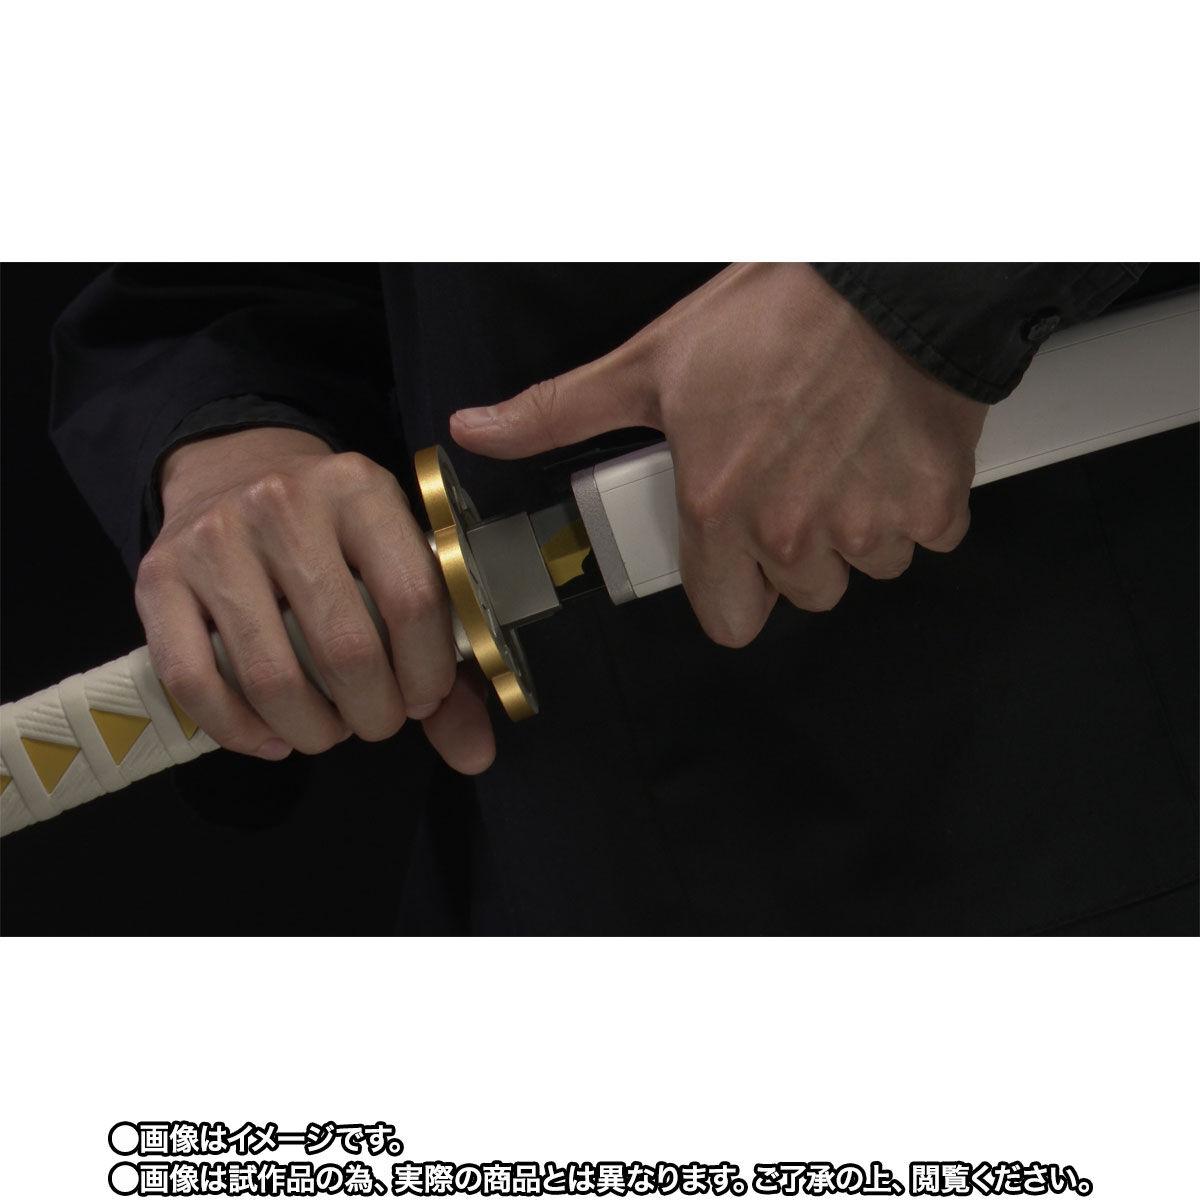 【限定販売】PROPLICA プロップリカ『日輪刀(我妻善逸)』鬼滅の刃 変身なりきり-009